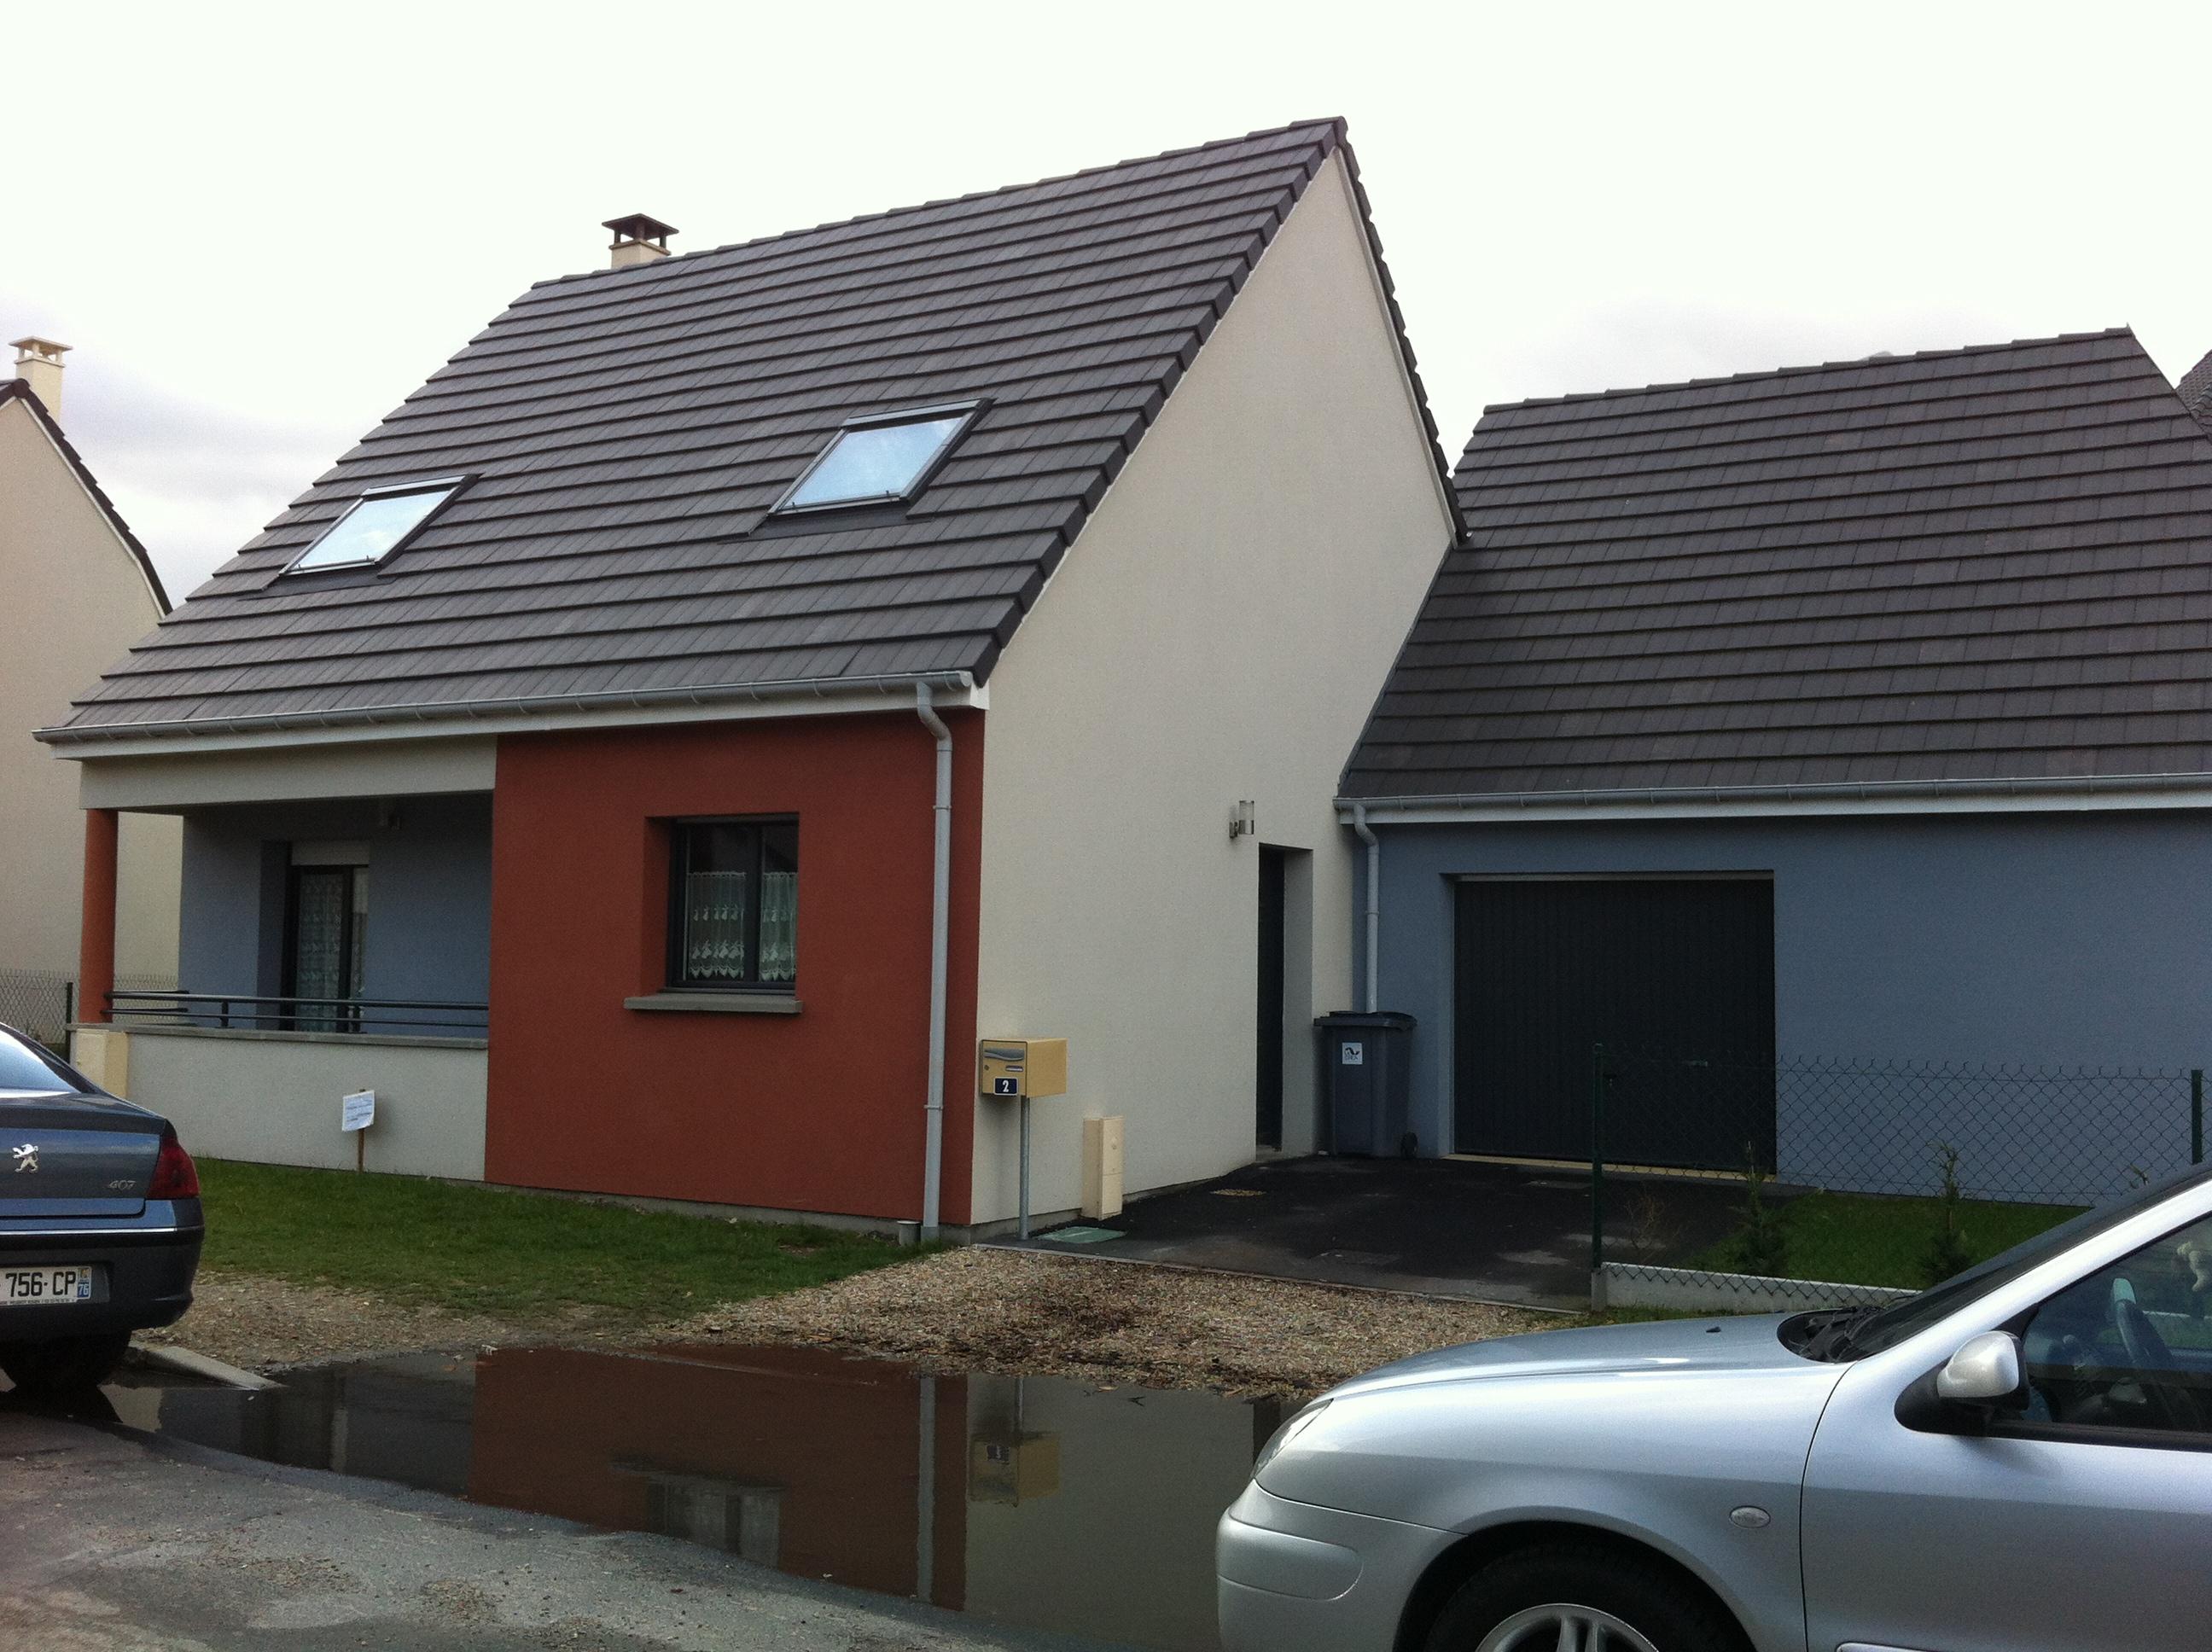 12 maisons de ville - groupe CIR - Le Petit Quevilly